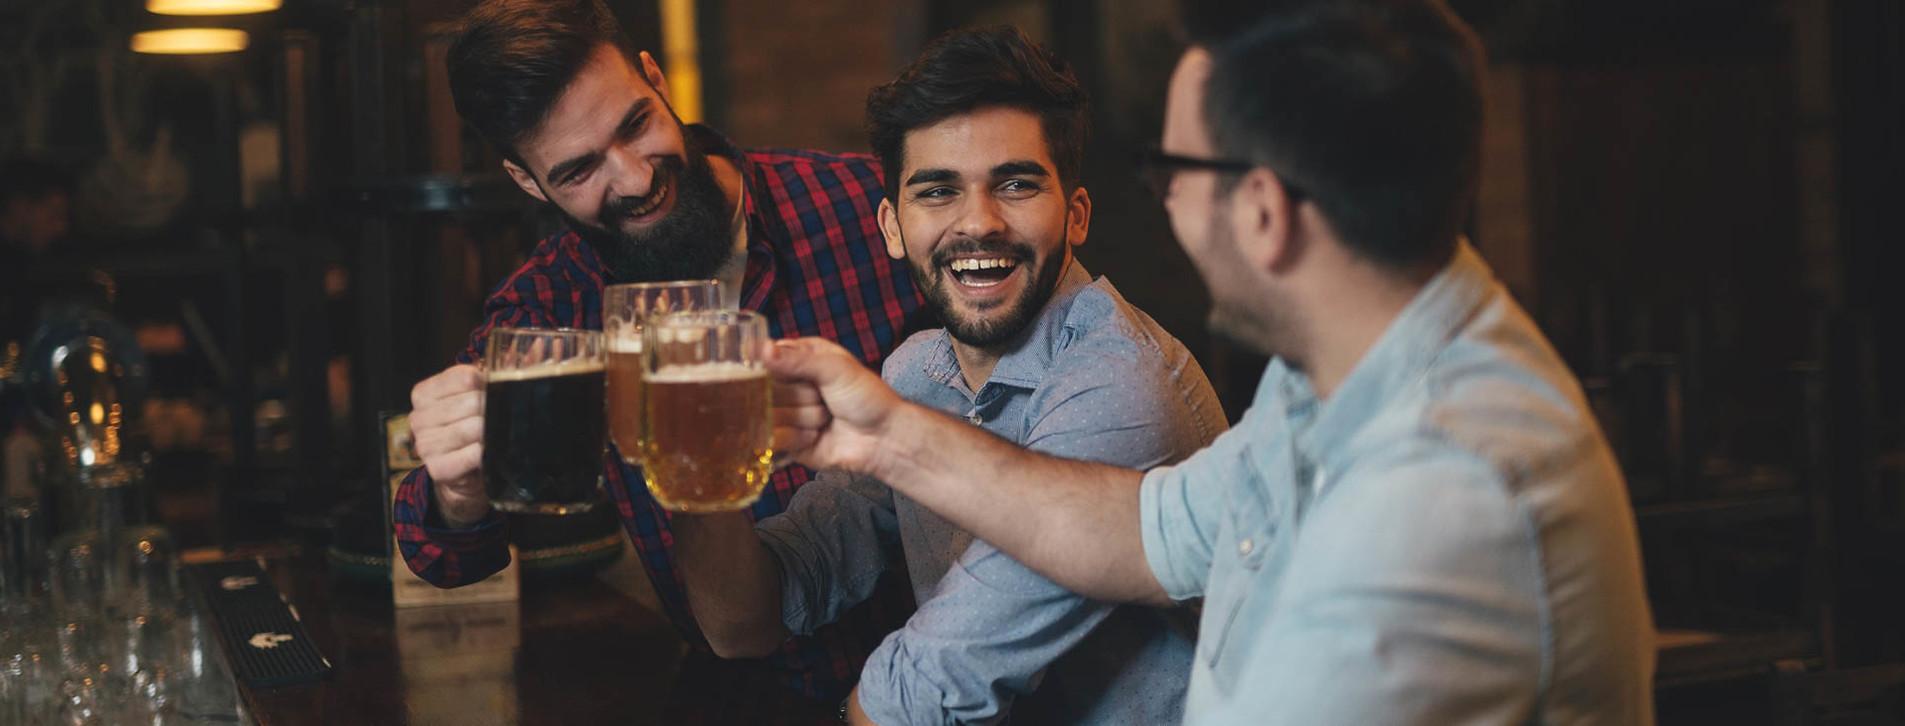 Фото - Дегустация крафтового пива для компании